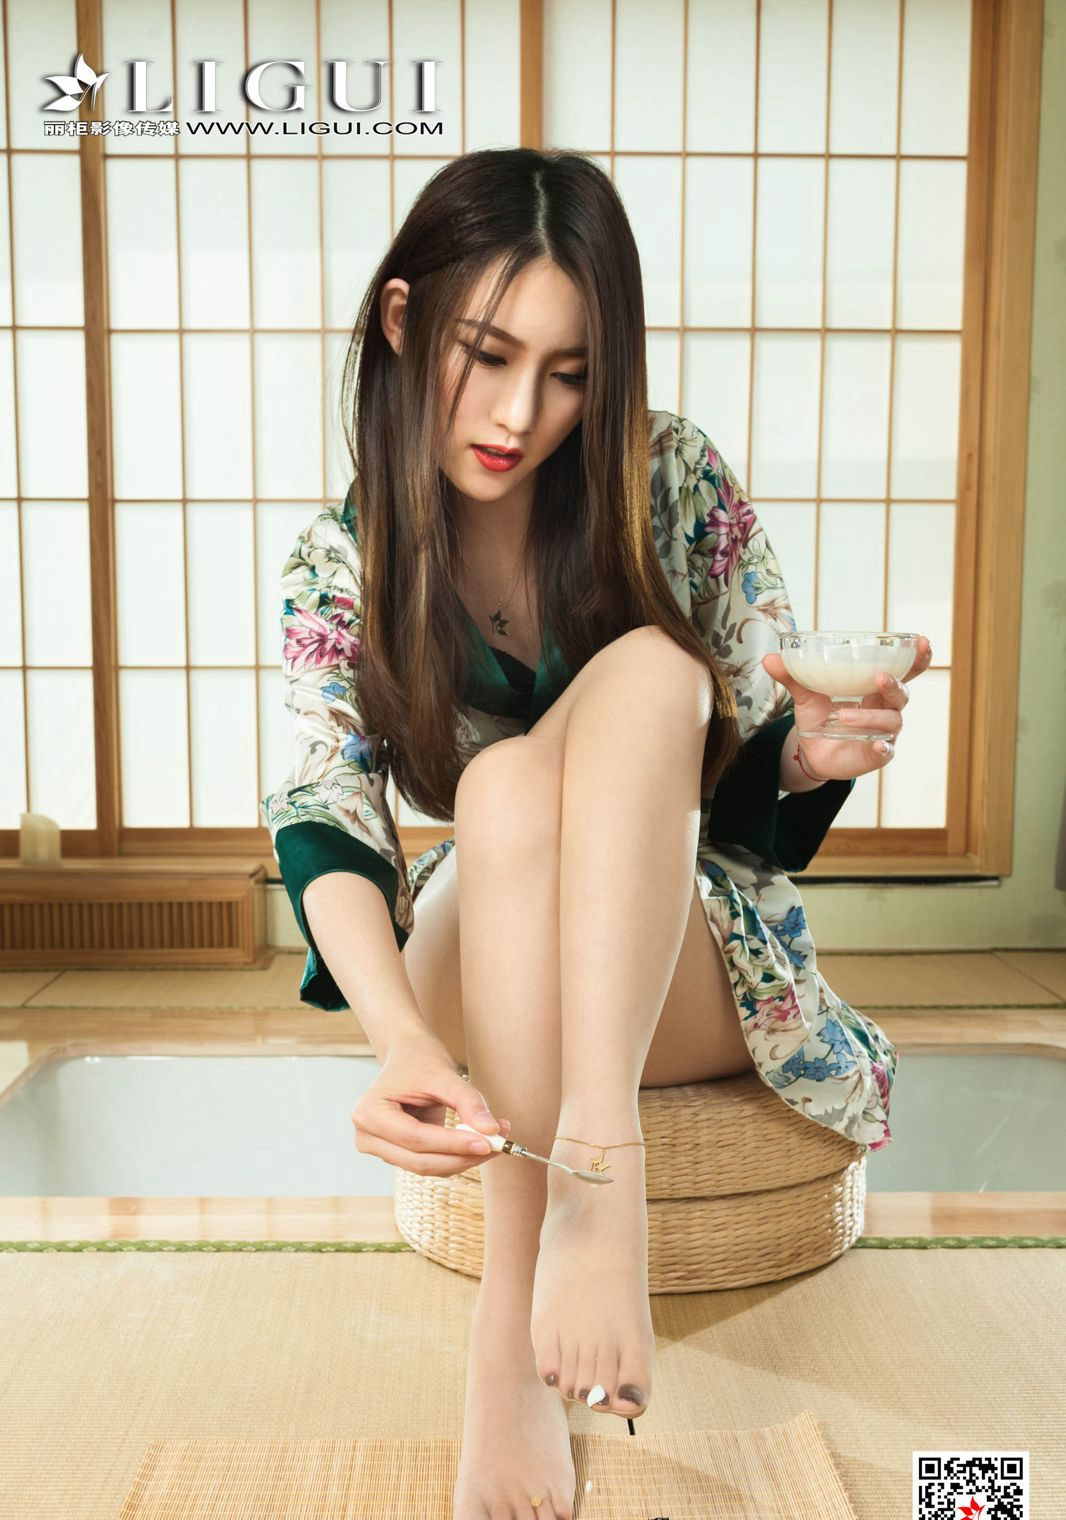 爆乳美女高清玉足大图肉丝袜美腿和服美女性感写真集